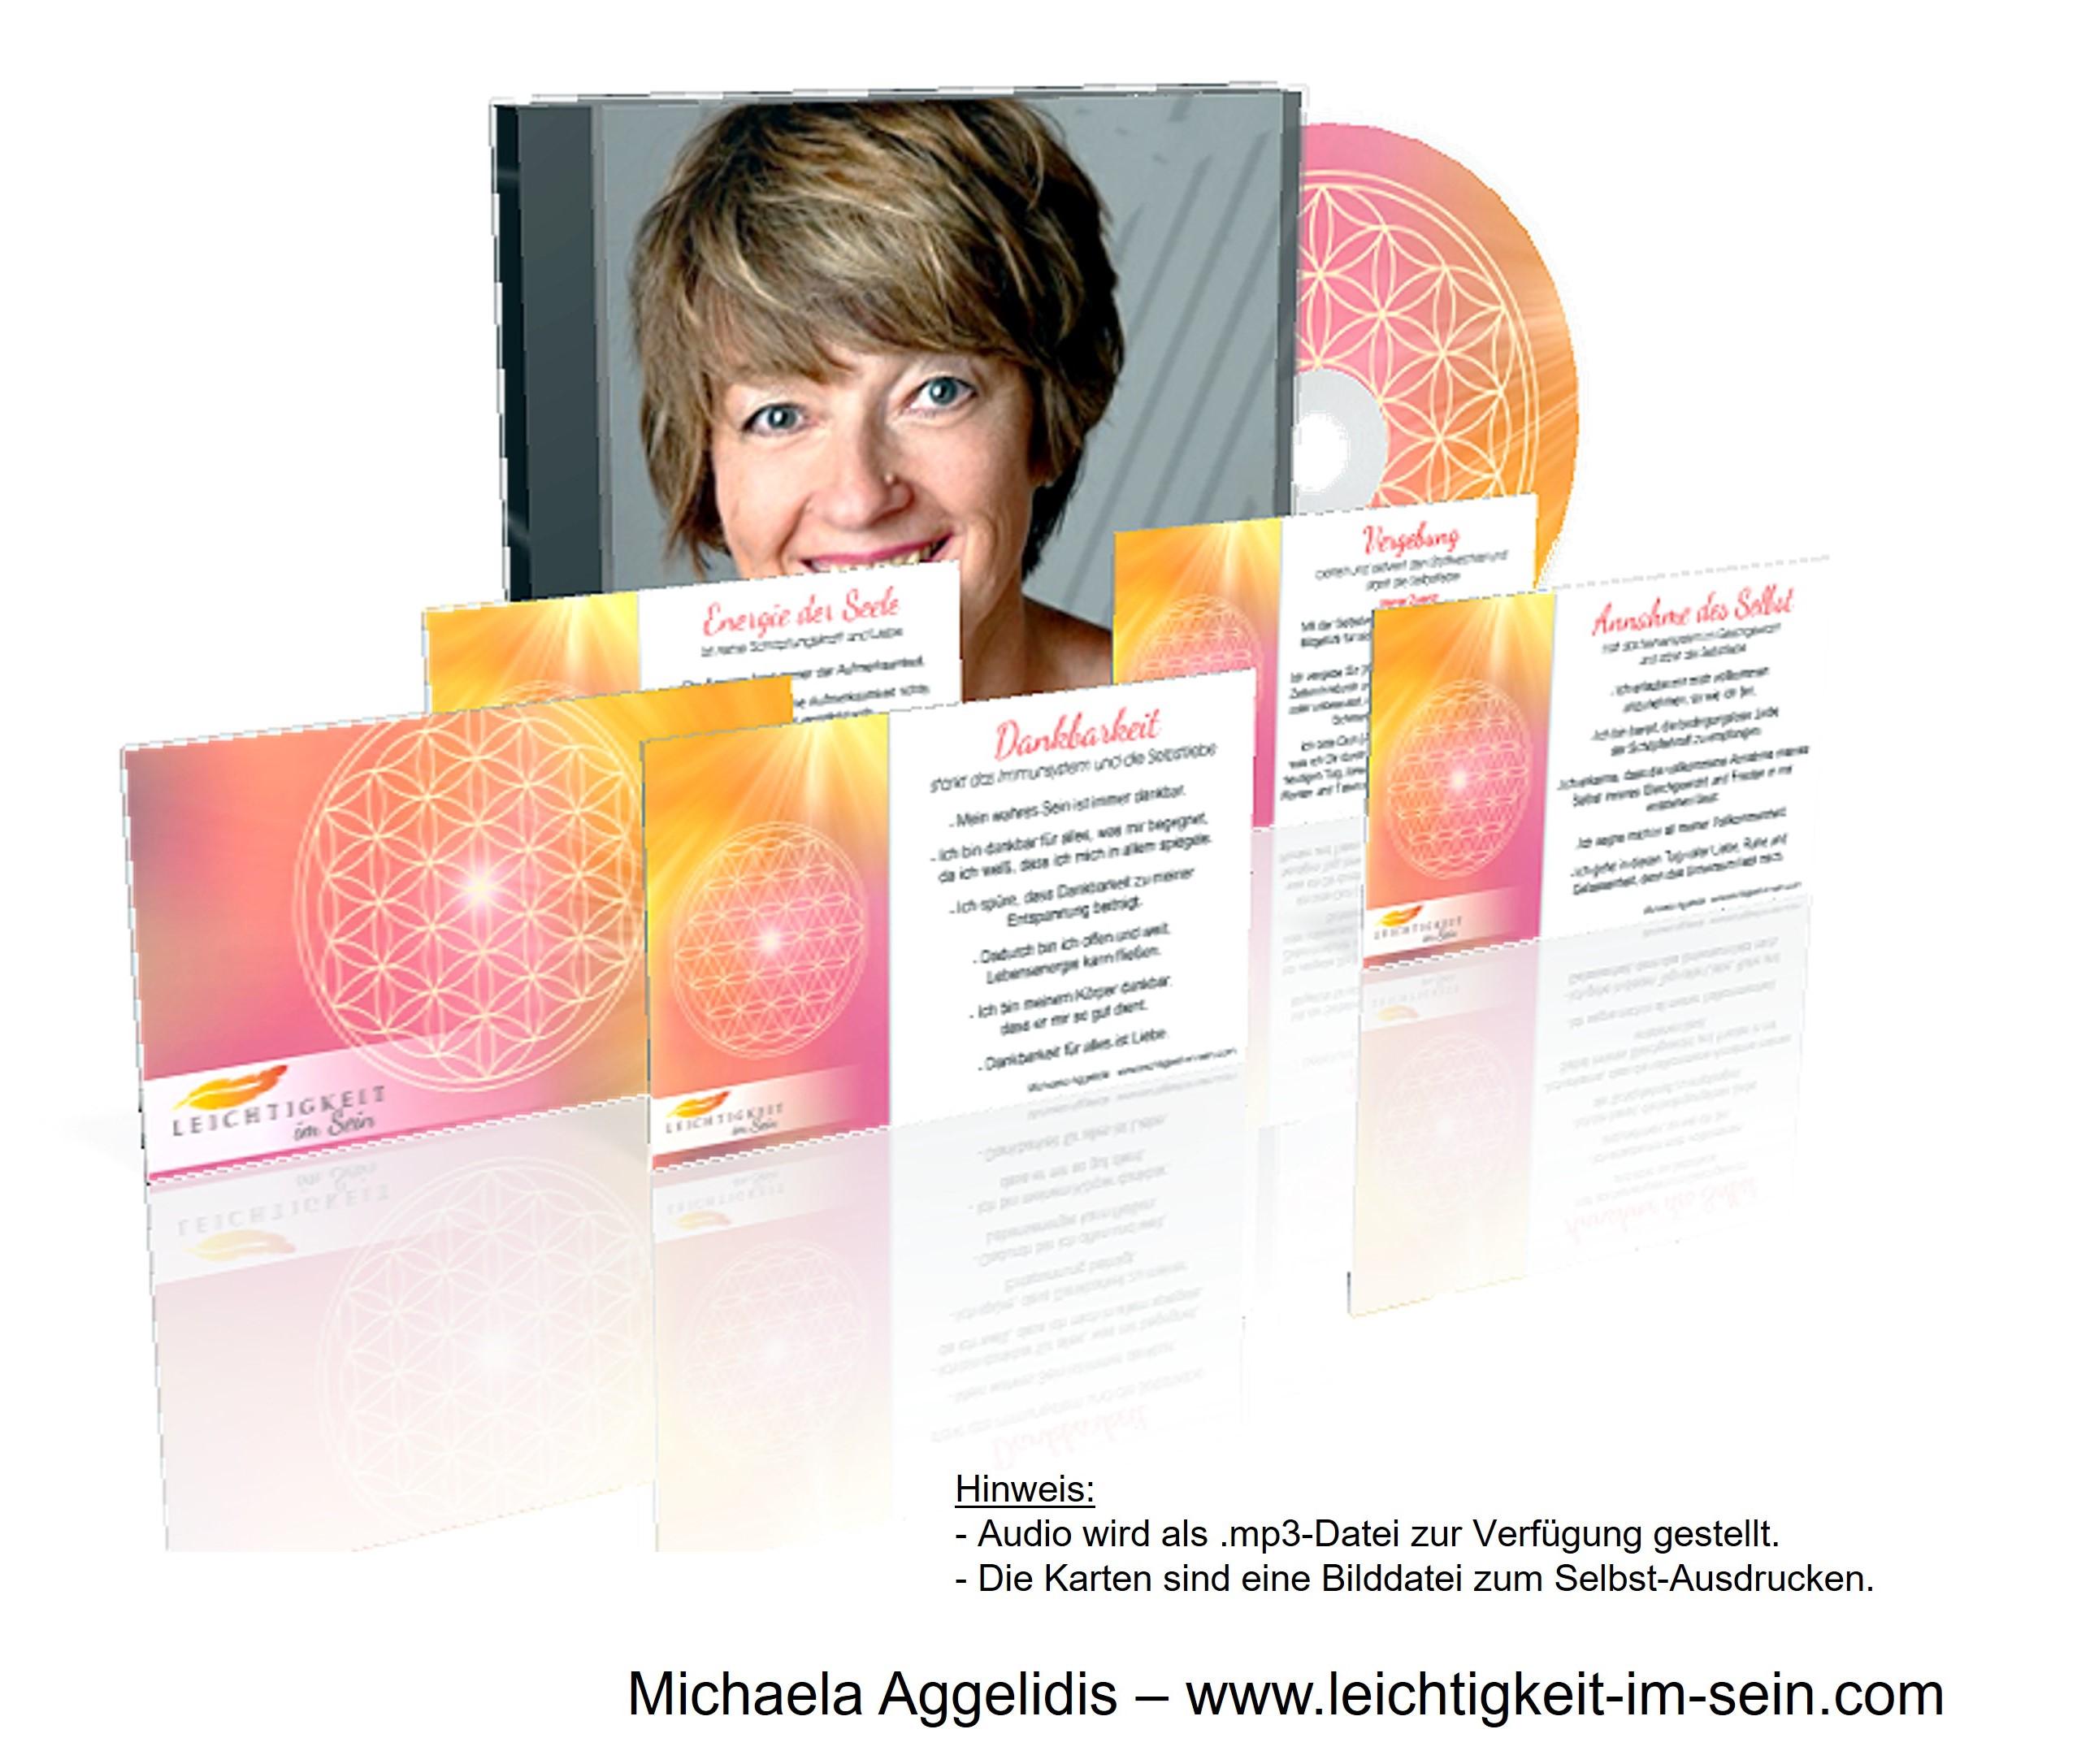 Geschenke zum DEVA-Prozess von Michaela Aggelidis